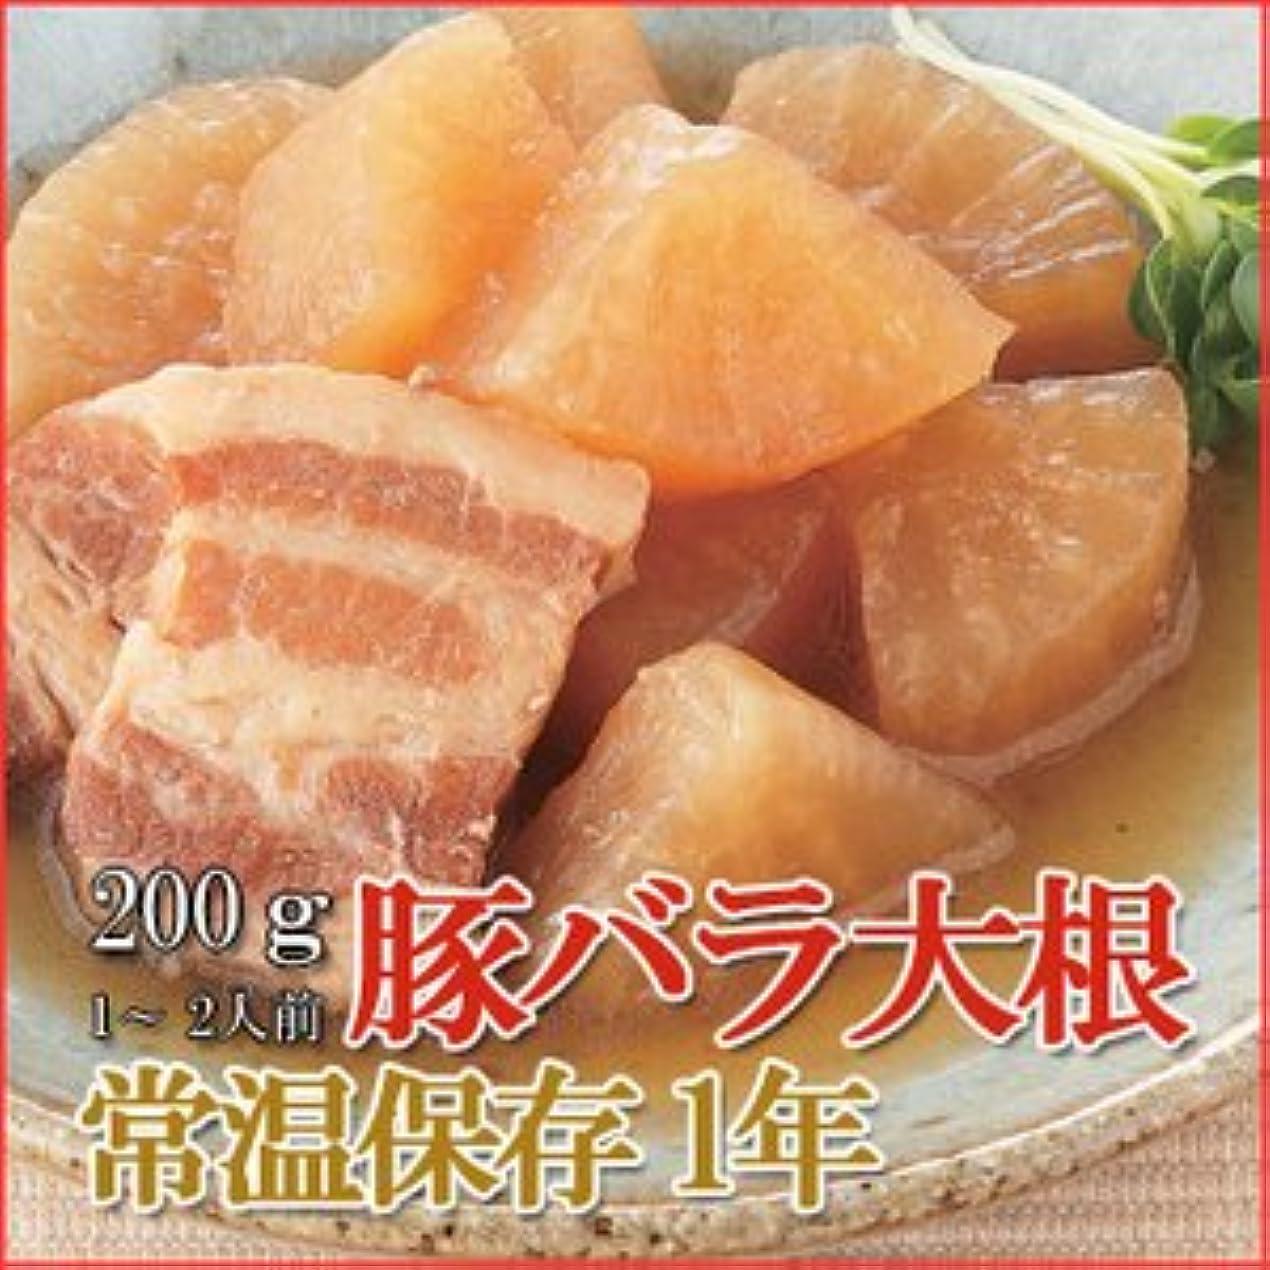 合唱団ジーンズ八レトルト 和風 煮物 豚バラ大根 200g (1-2人前) X5個セット (和食 おかず 惣菜)